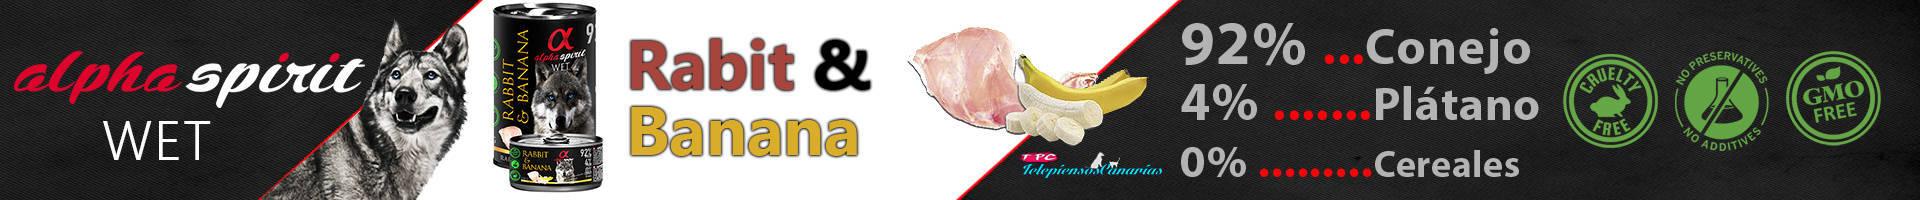 Alpha Spirit lata de conejo 92% y plátano 4%